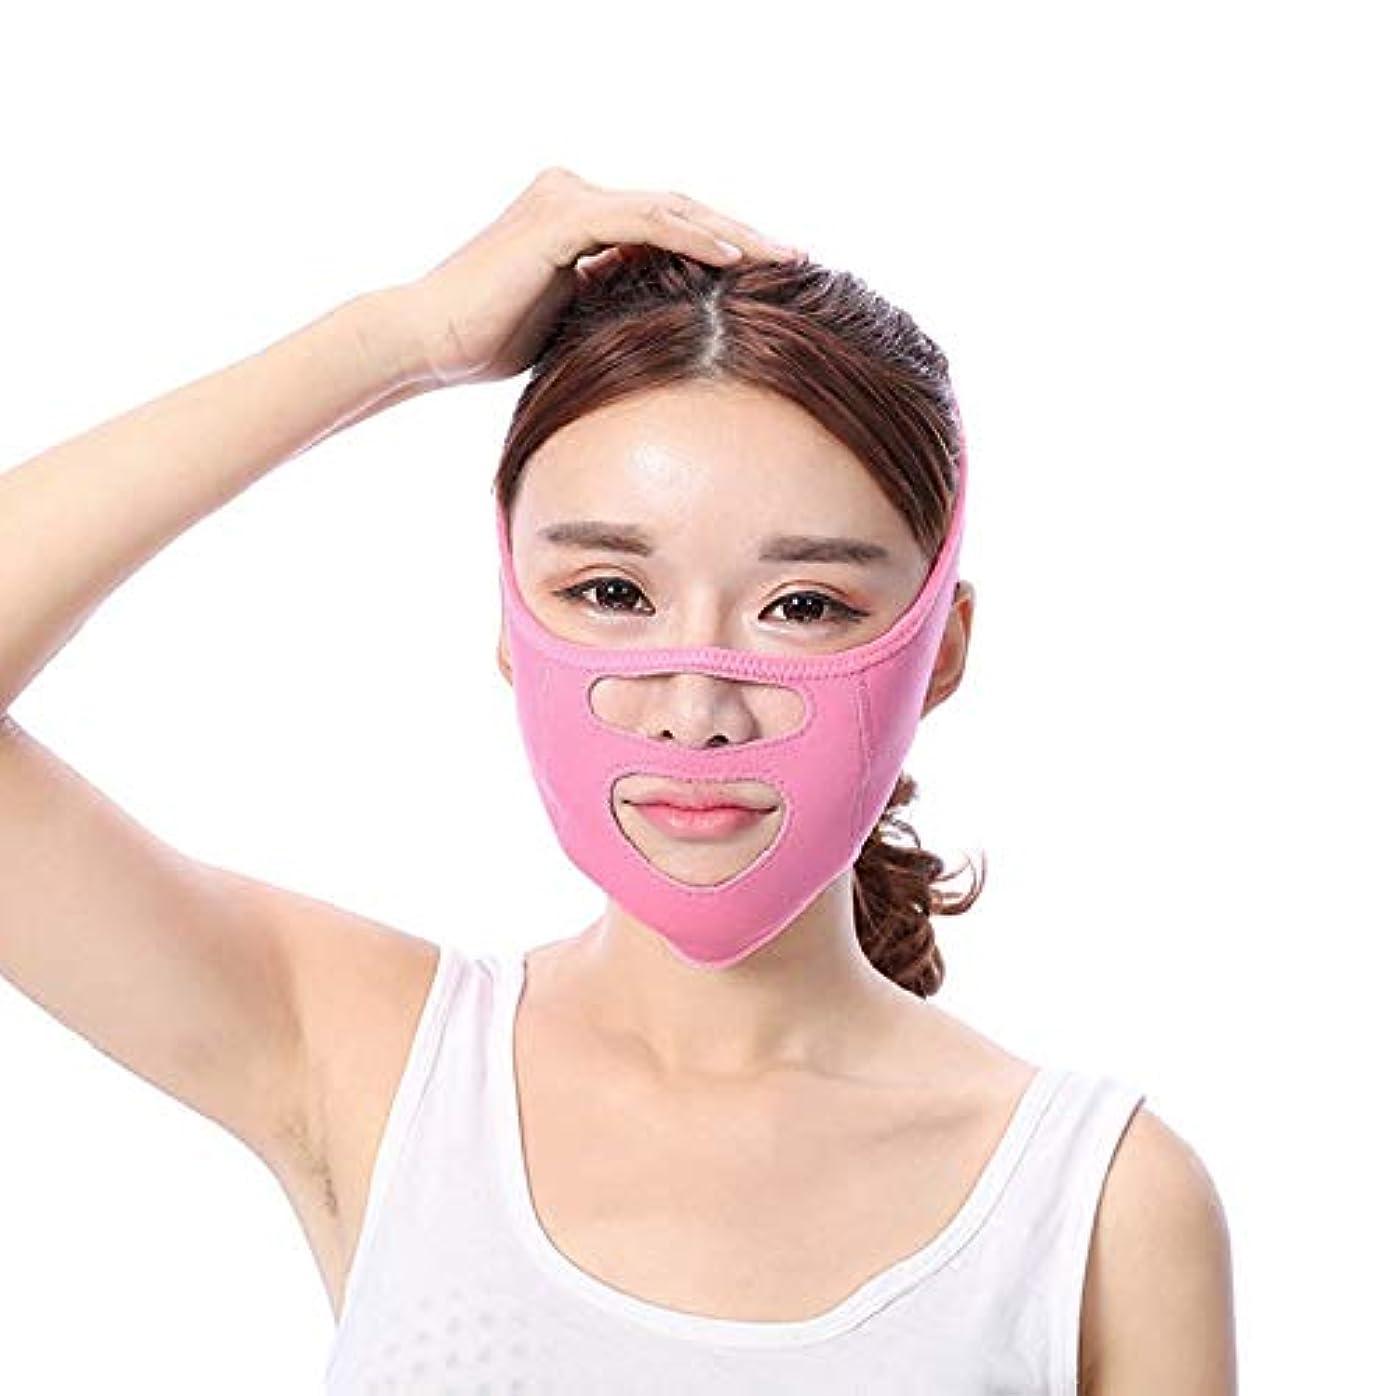 テキストゴシップ大砲Minmin 顔の持ち上がる痩身ベルト - あなたの顔のための素晴らしいトレーニング二重あごのワークアウトフェイスマスクベルト薄い顔包帯整形マスクは顔と首を締めますフェイススリム みんみんVラインフェイスマスク